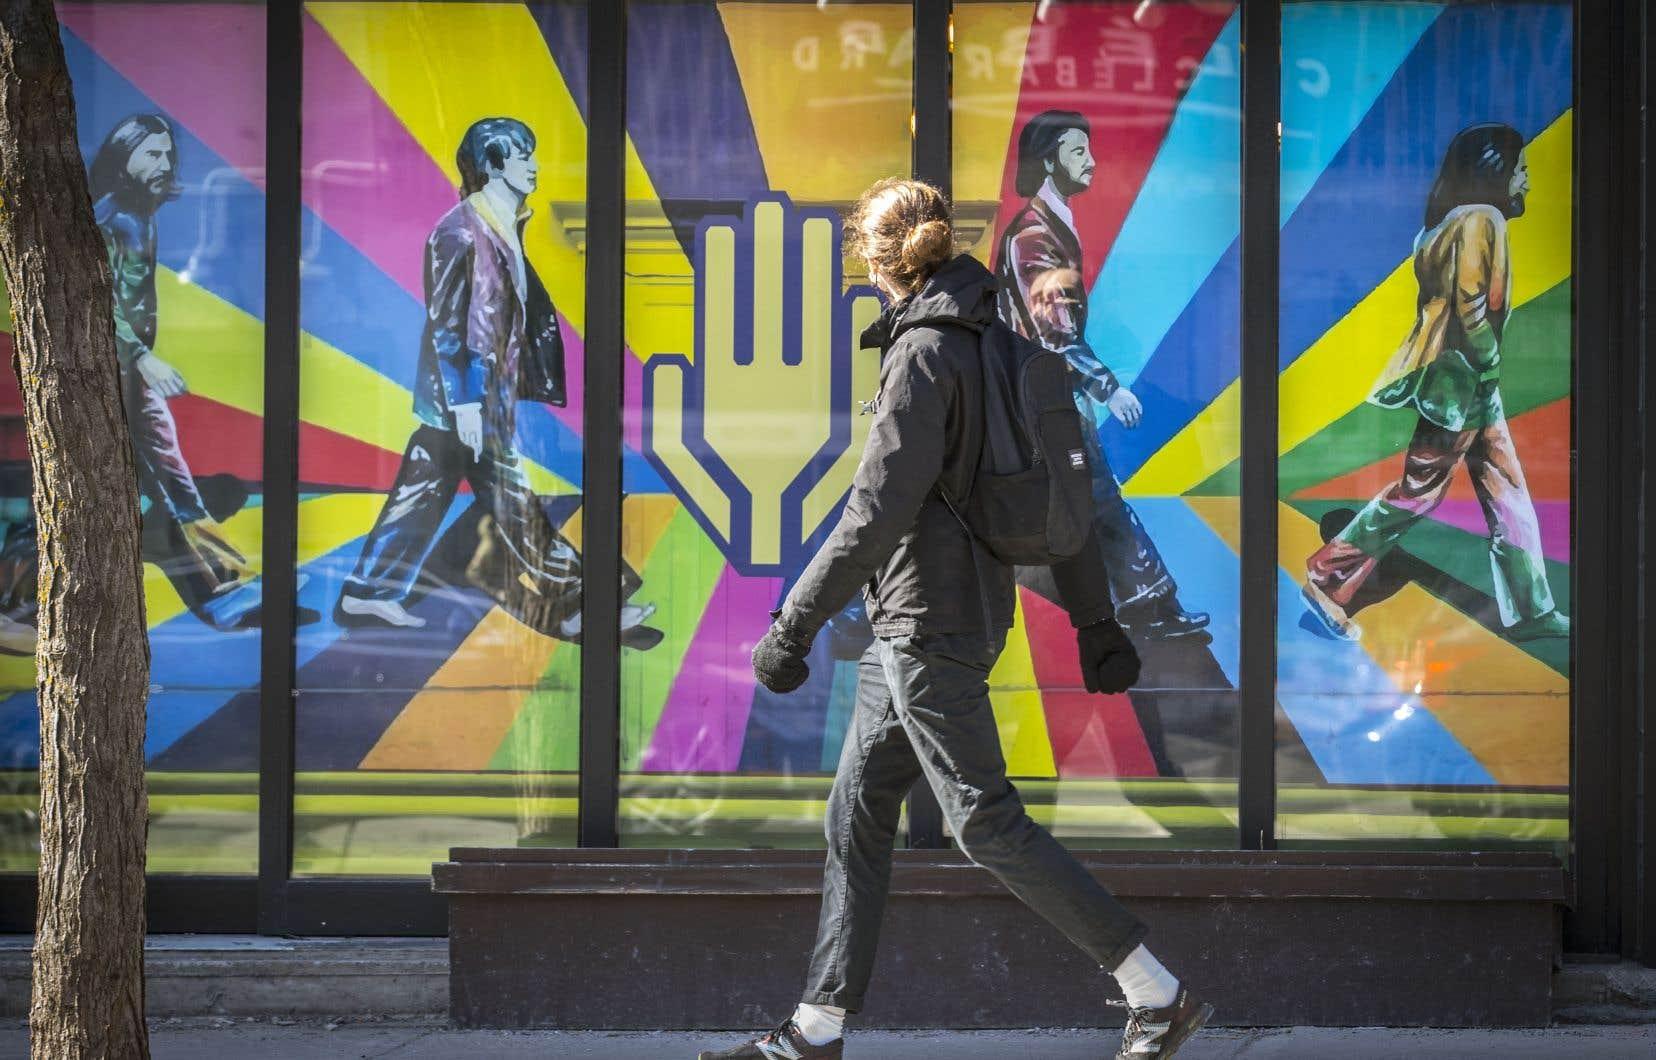 Selon les spécialistes, c'est en voyant le piéton comme un usager à part entière dans l'aménagement de la rue que l'on pourra rééquilibrer l'espace public en faveur des piétons.